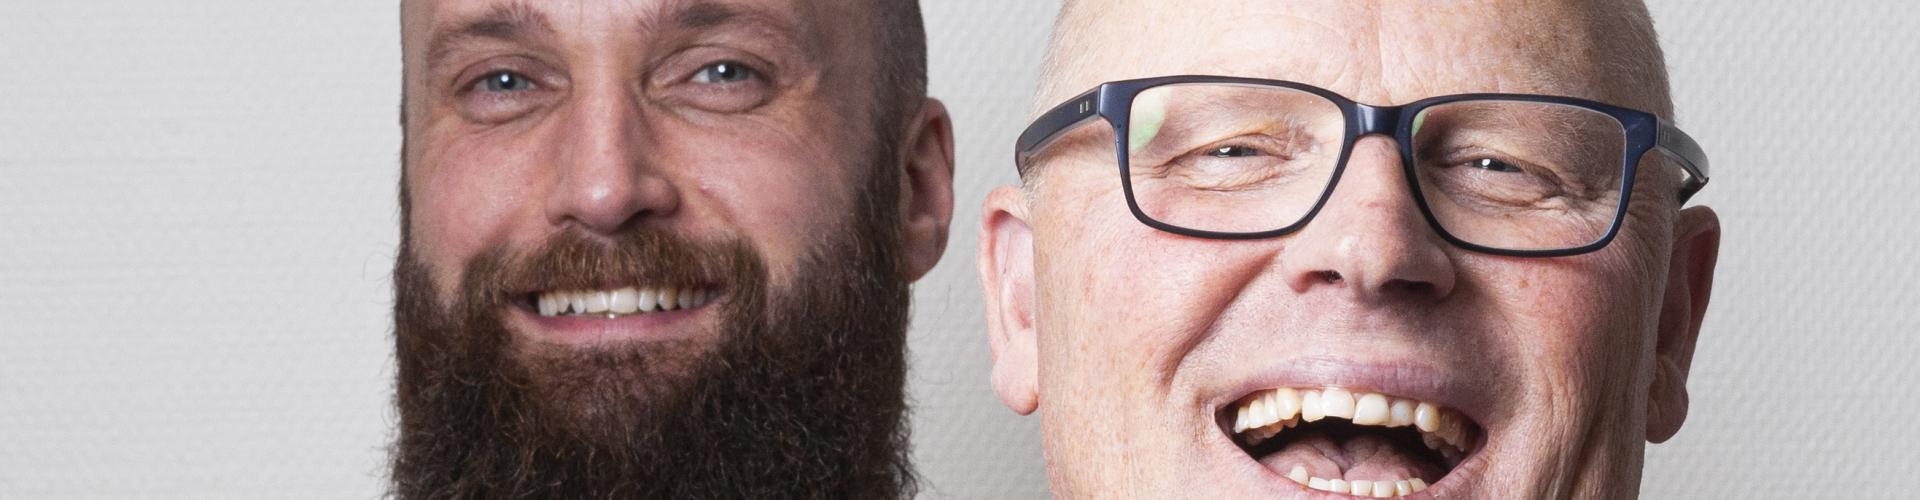 Van Talentdiggers naar Vermoogen - Tim Meijer en Jan Hooikammer